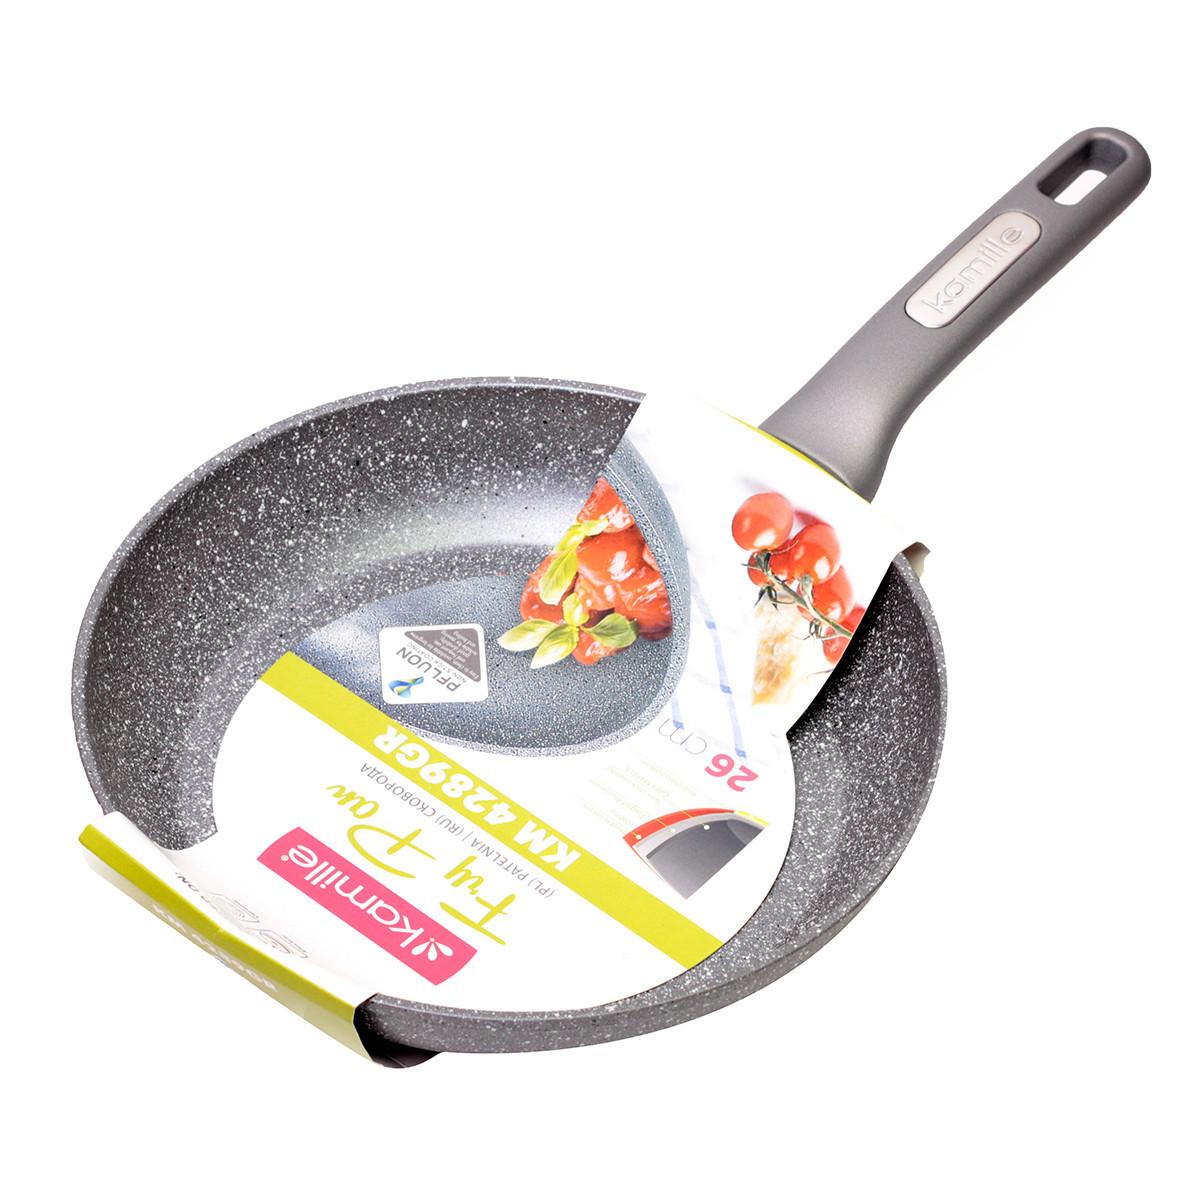 Сковорода Kamille 26см с гранитным покрытием из алюминия для индукции